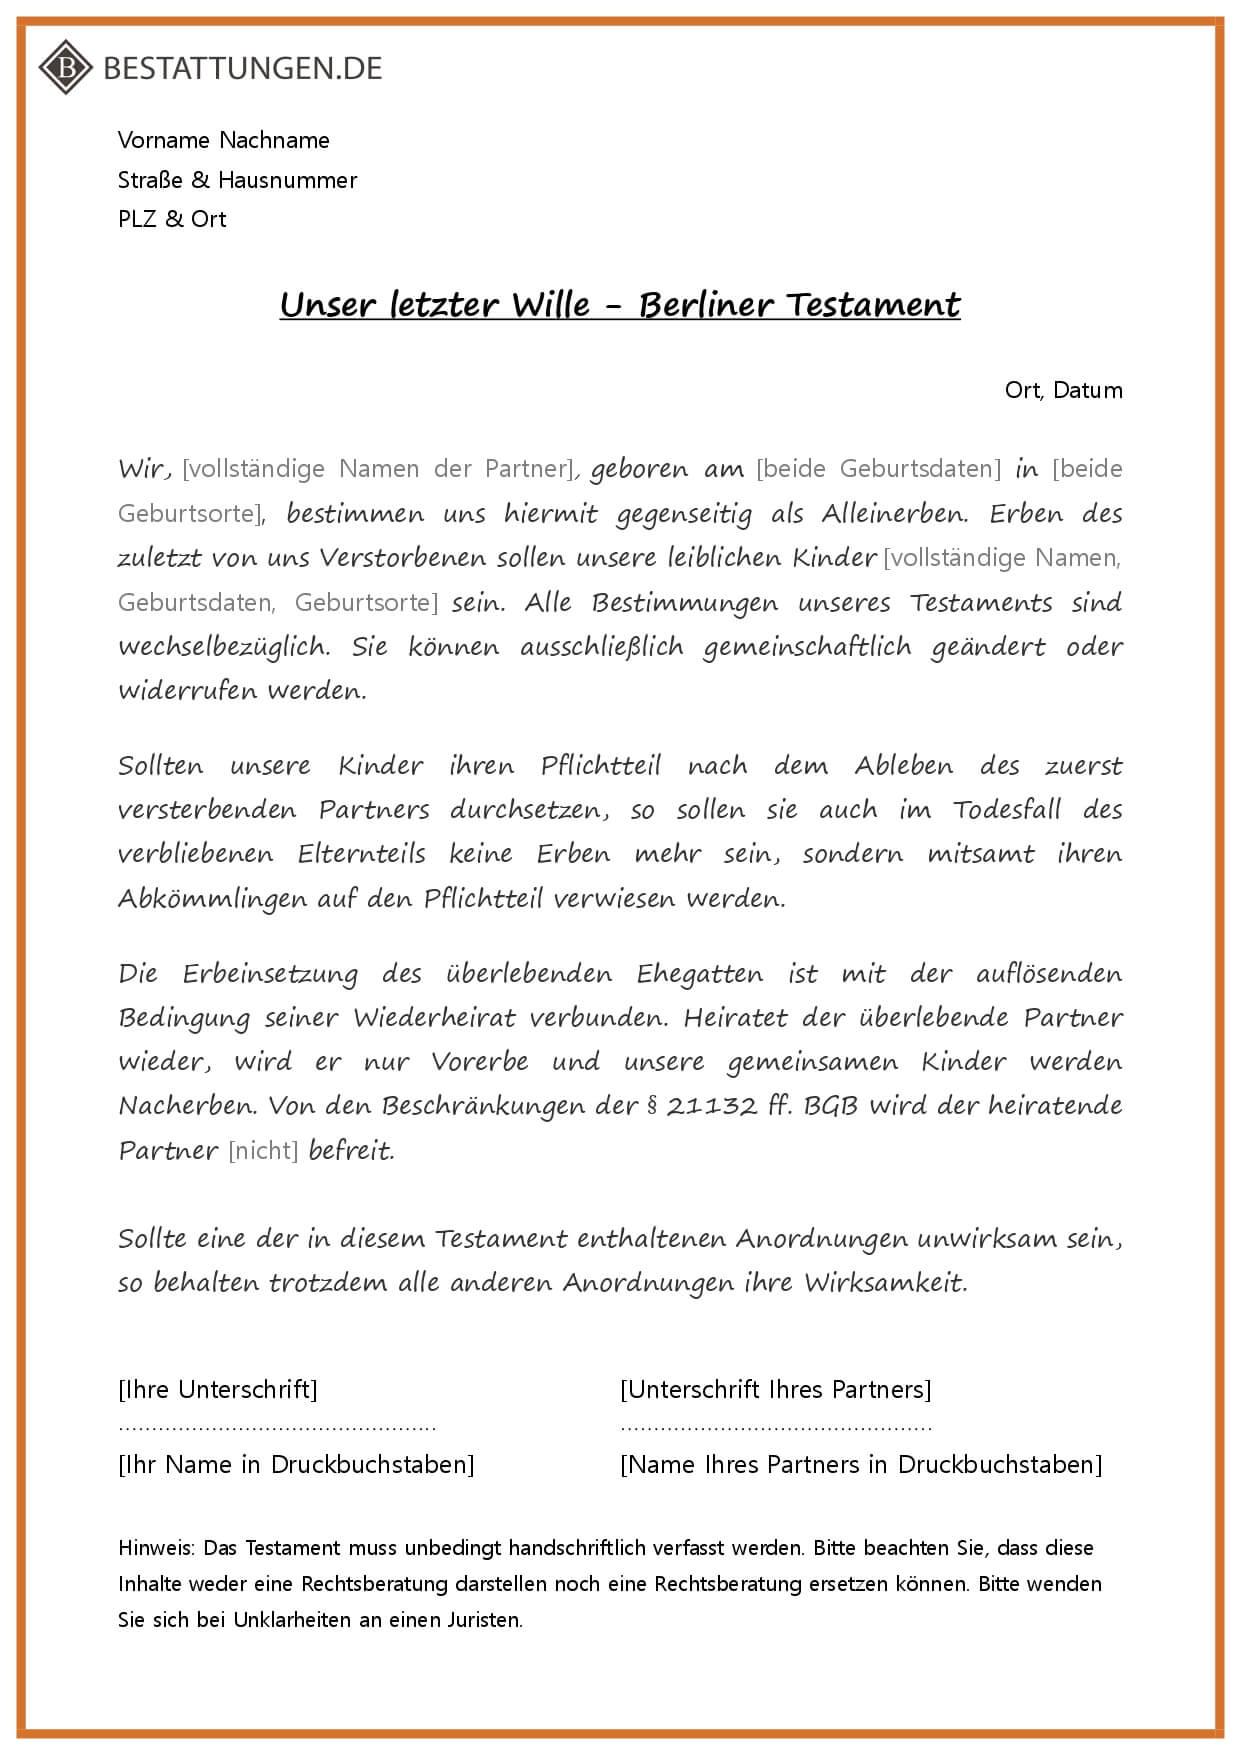 Erben Stiefkinder Berliner Testament